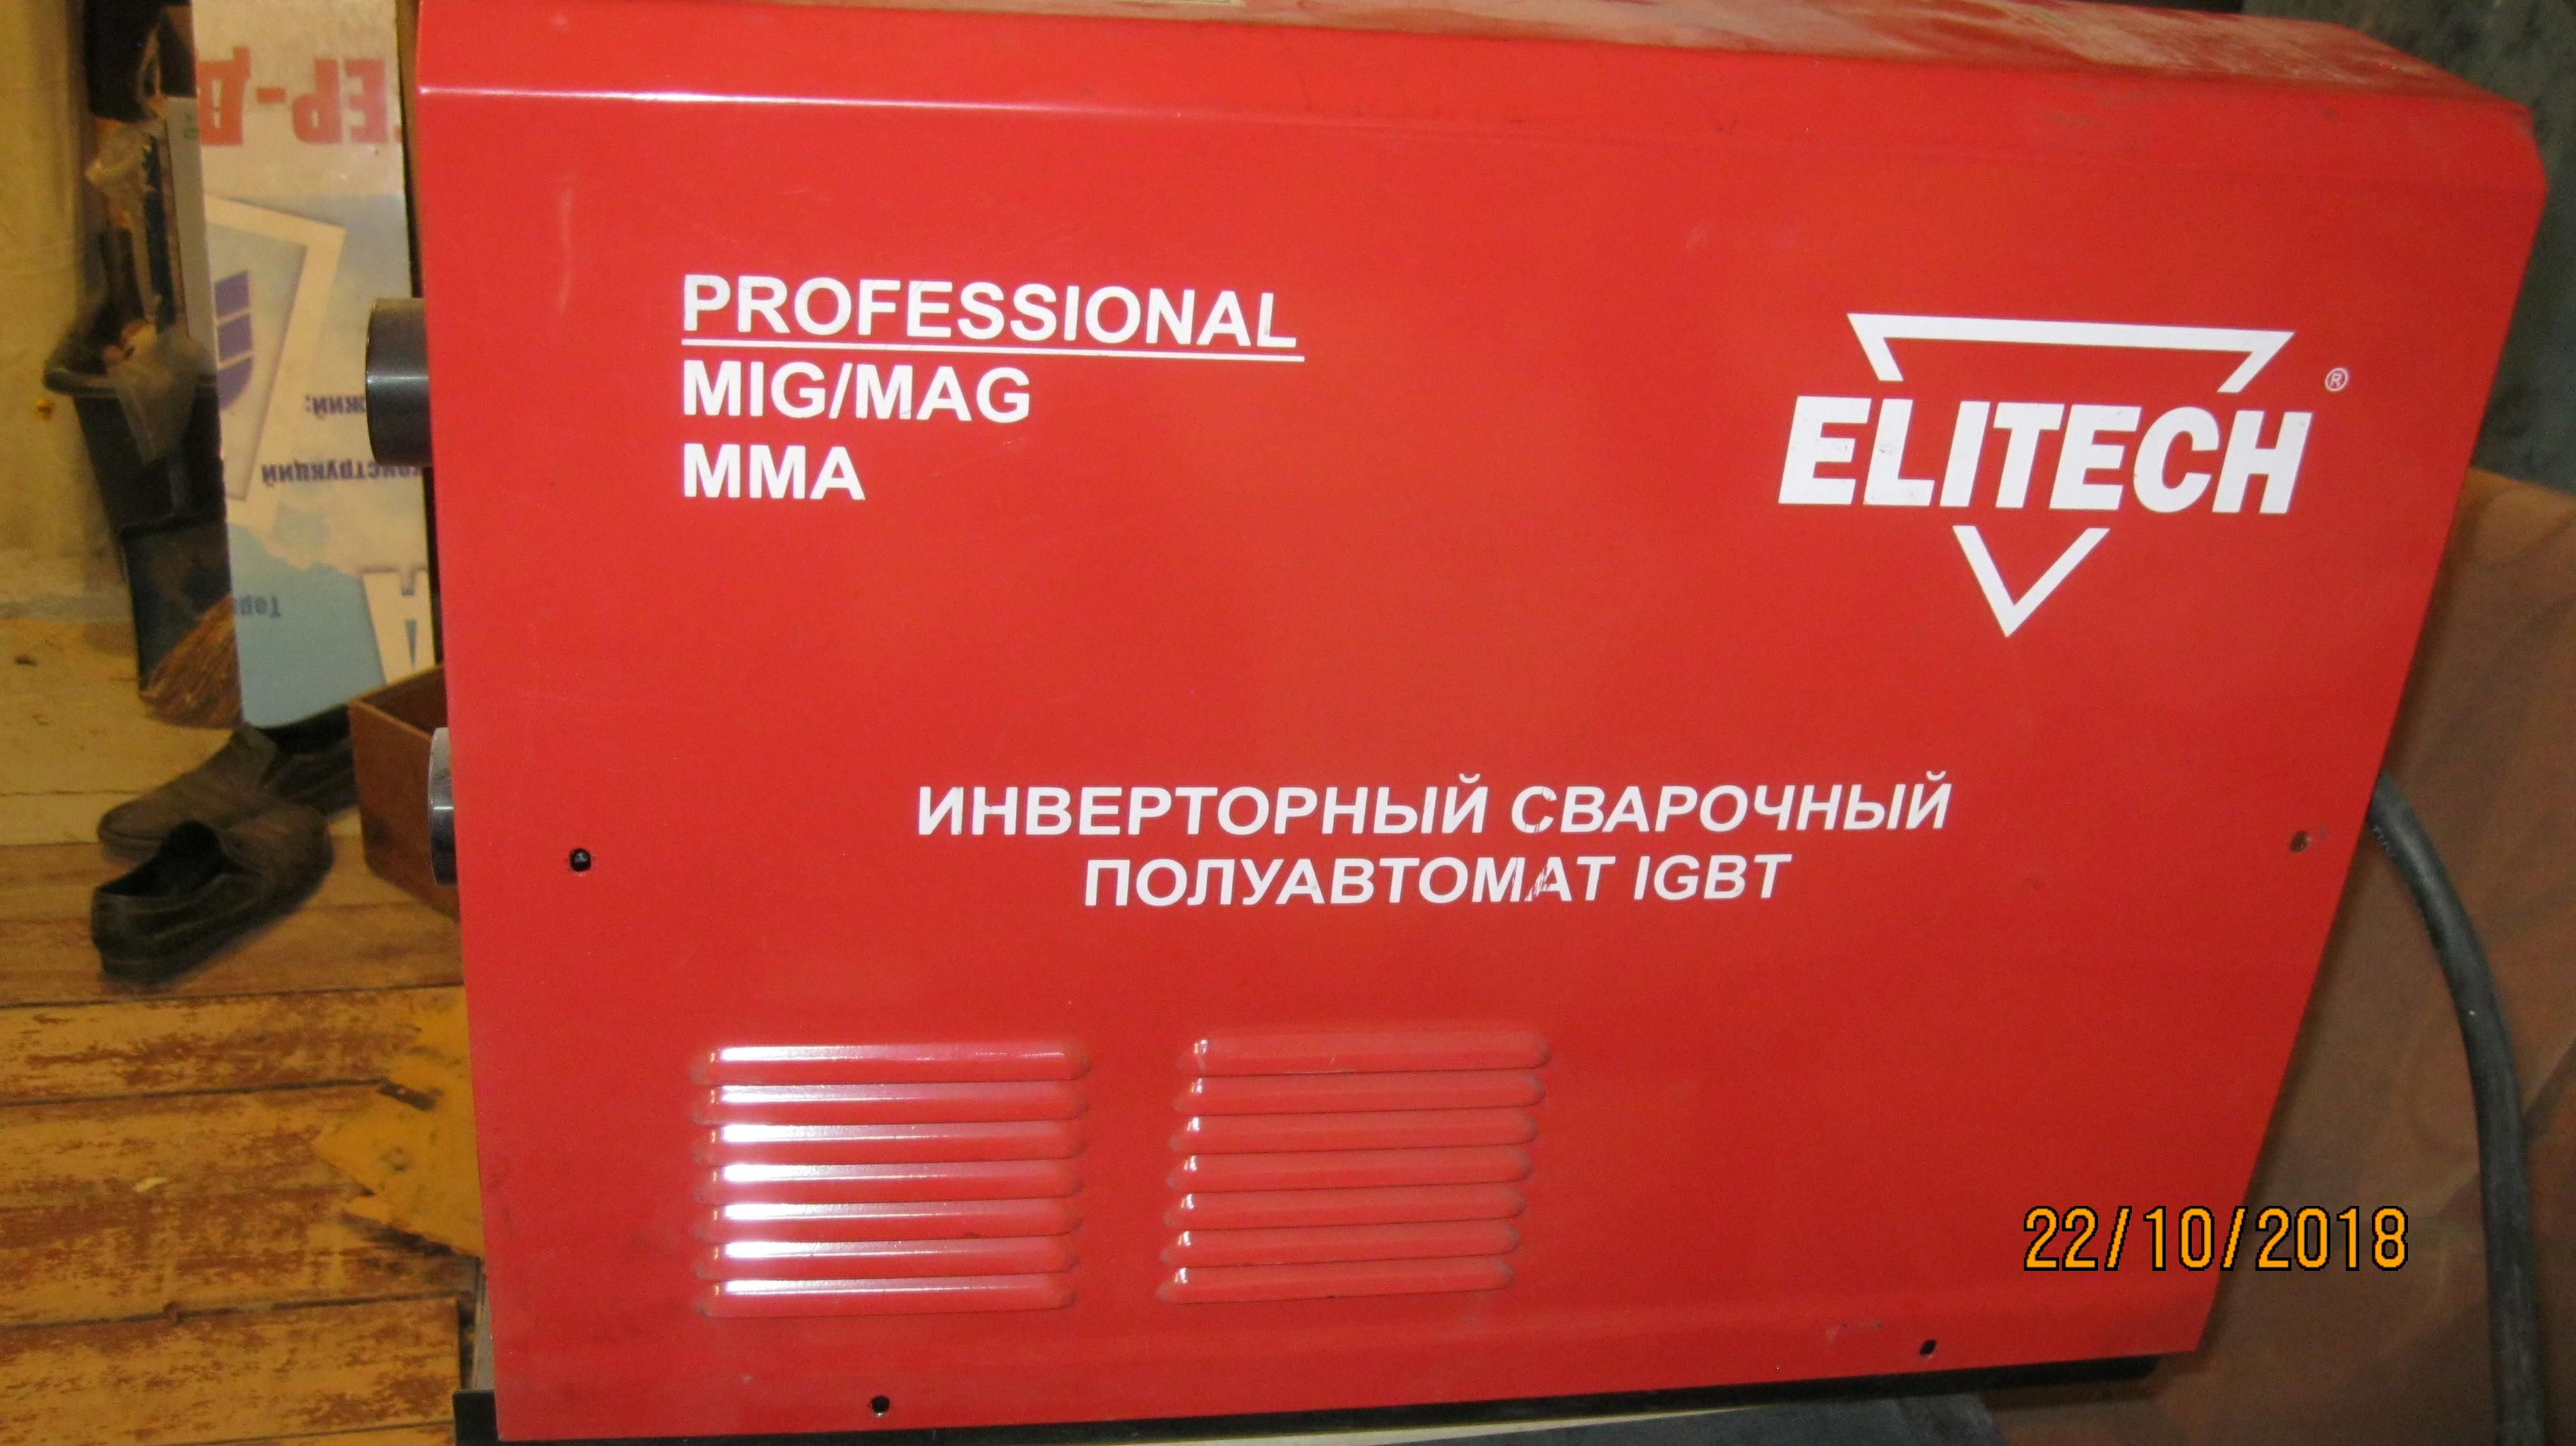 Ремонт сварочного полуавтомата Elitech 250 в Рязани